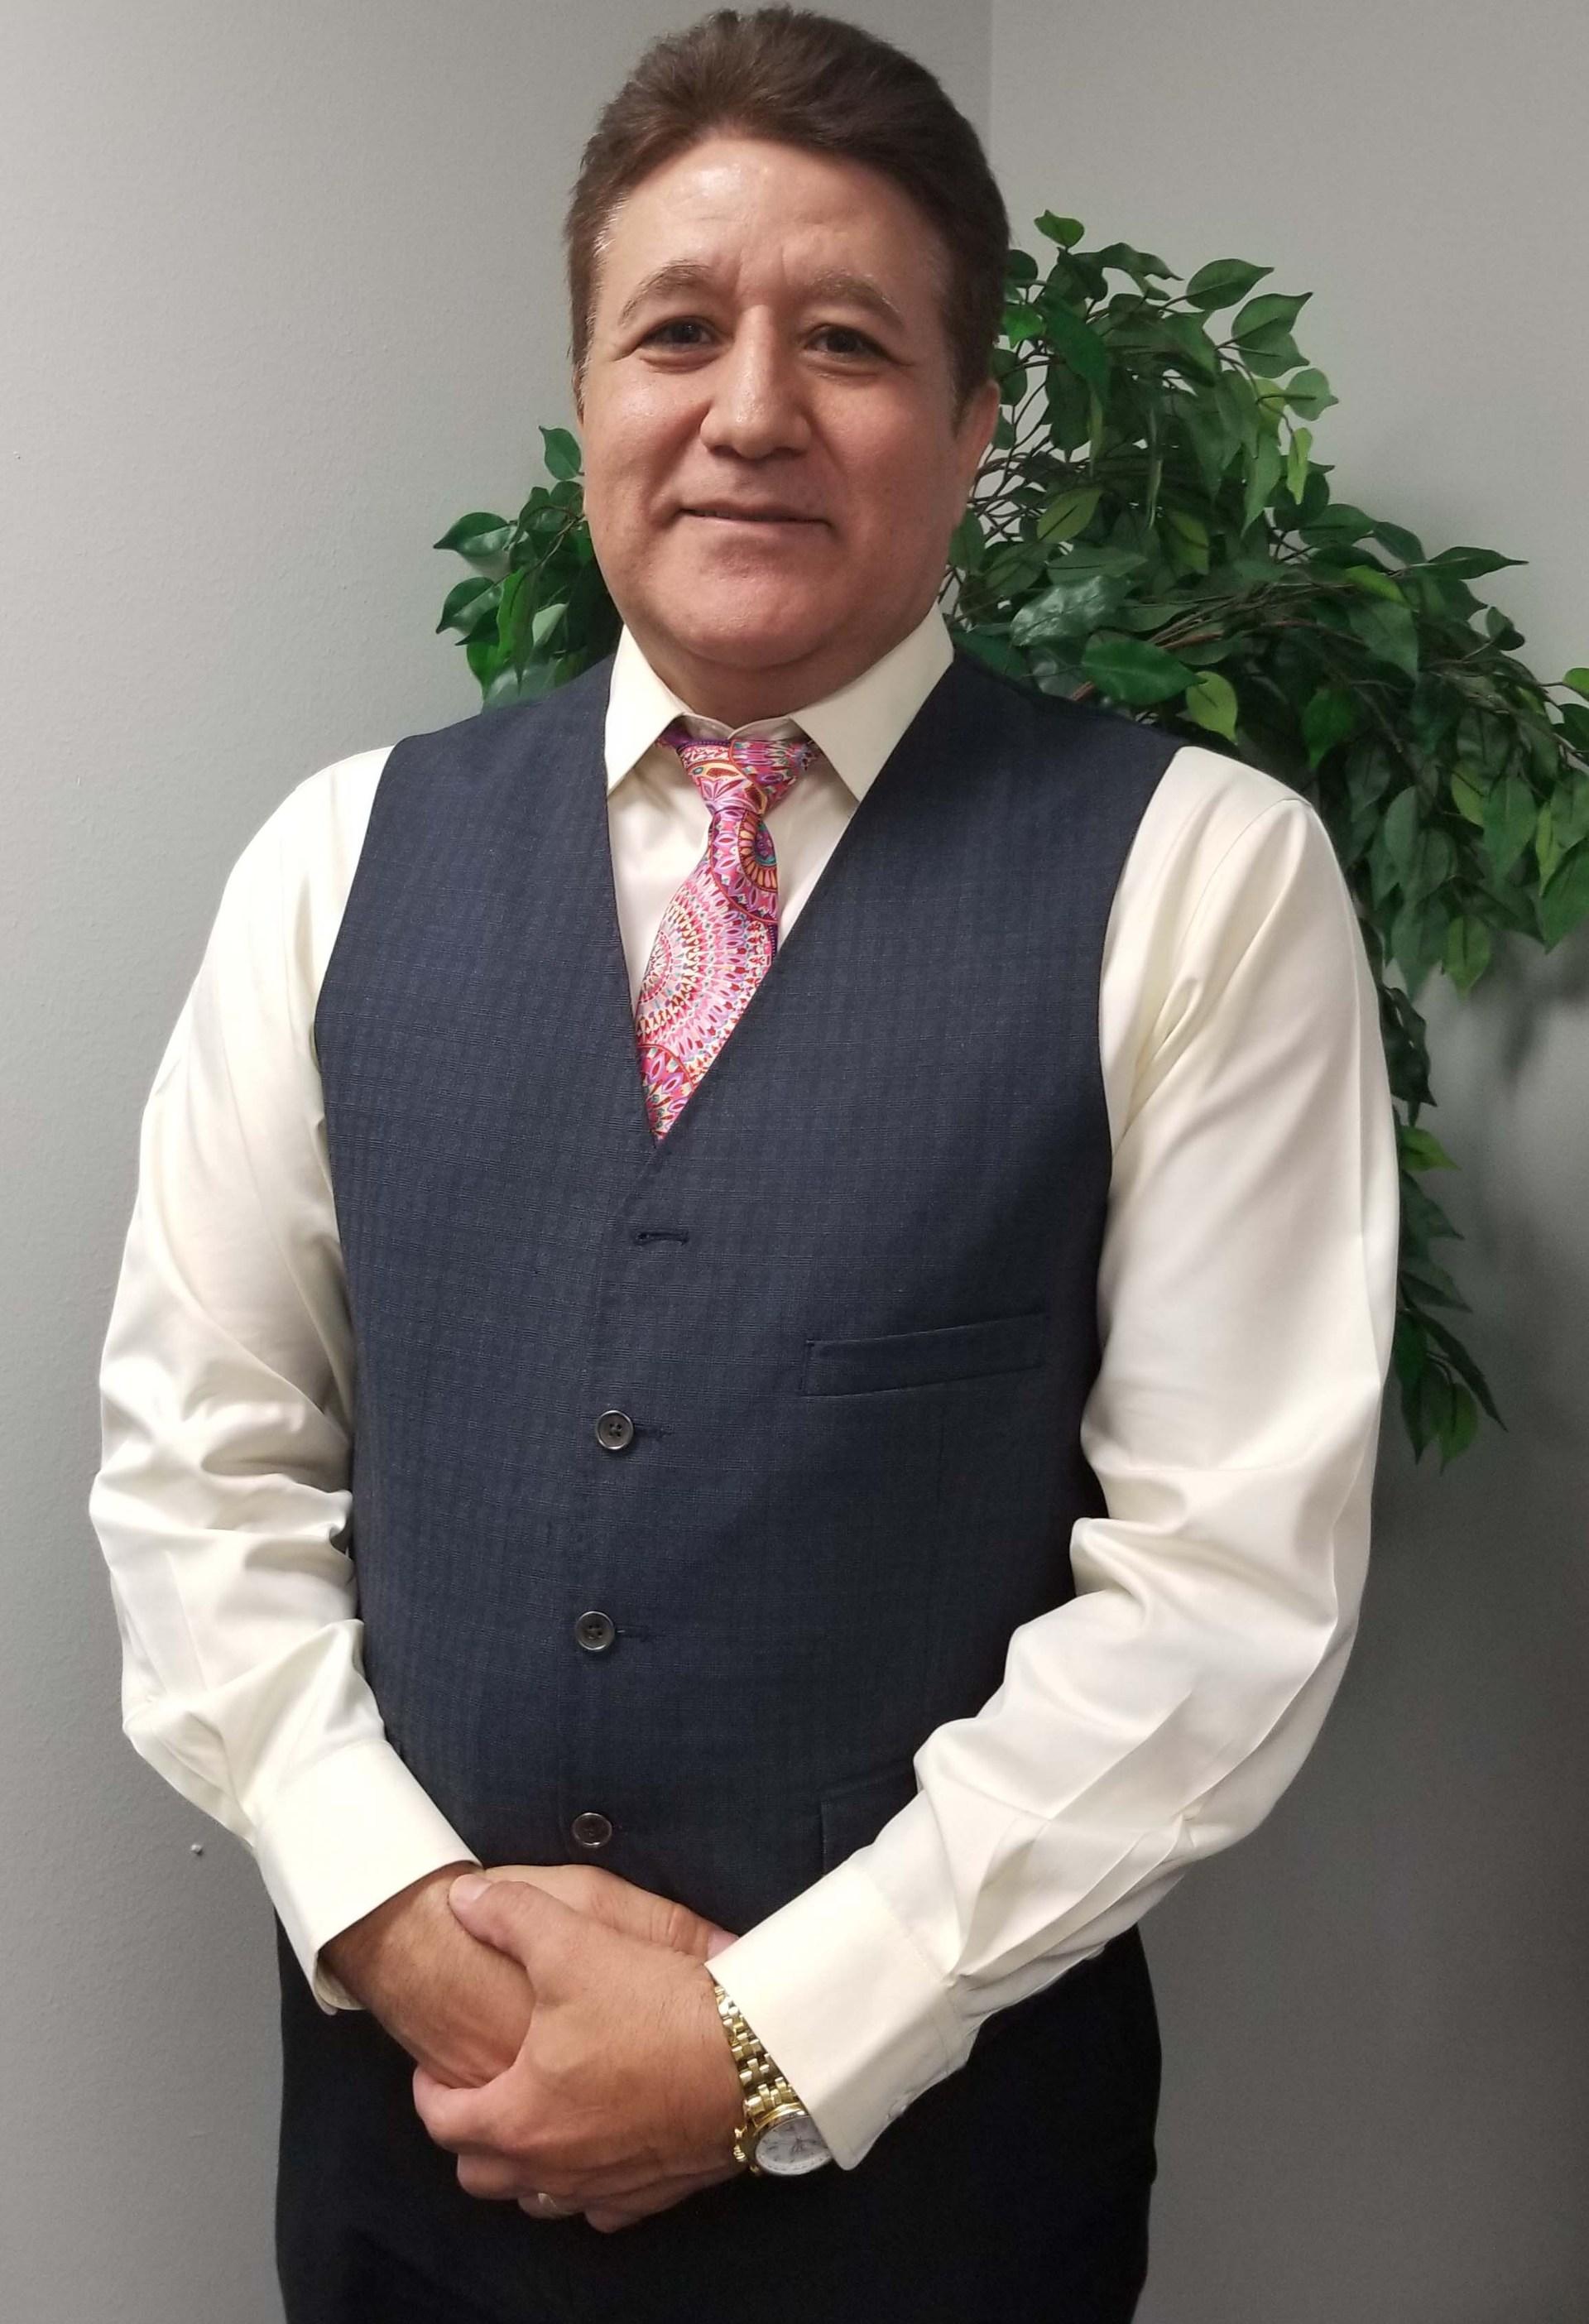 Joe Mendez